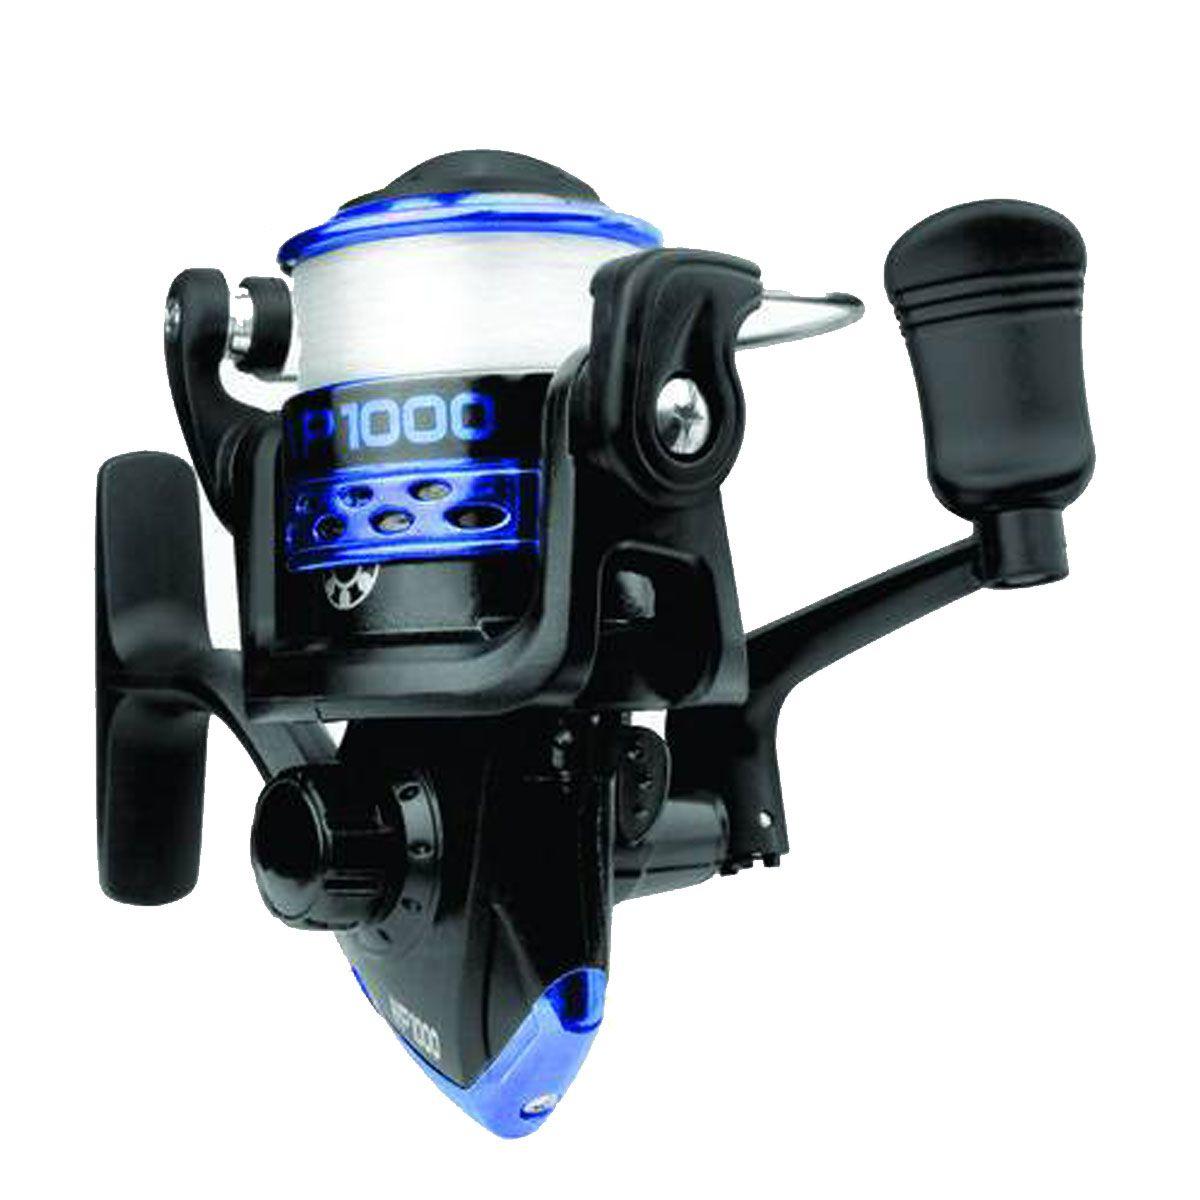 Molinete Albatroz WP 1000 Fricção Dianteira 1 Rol Azul